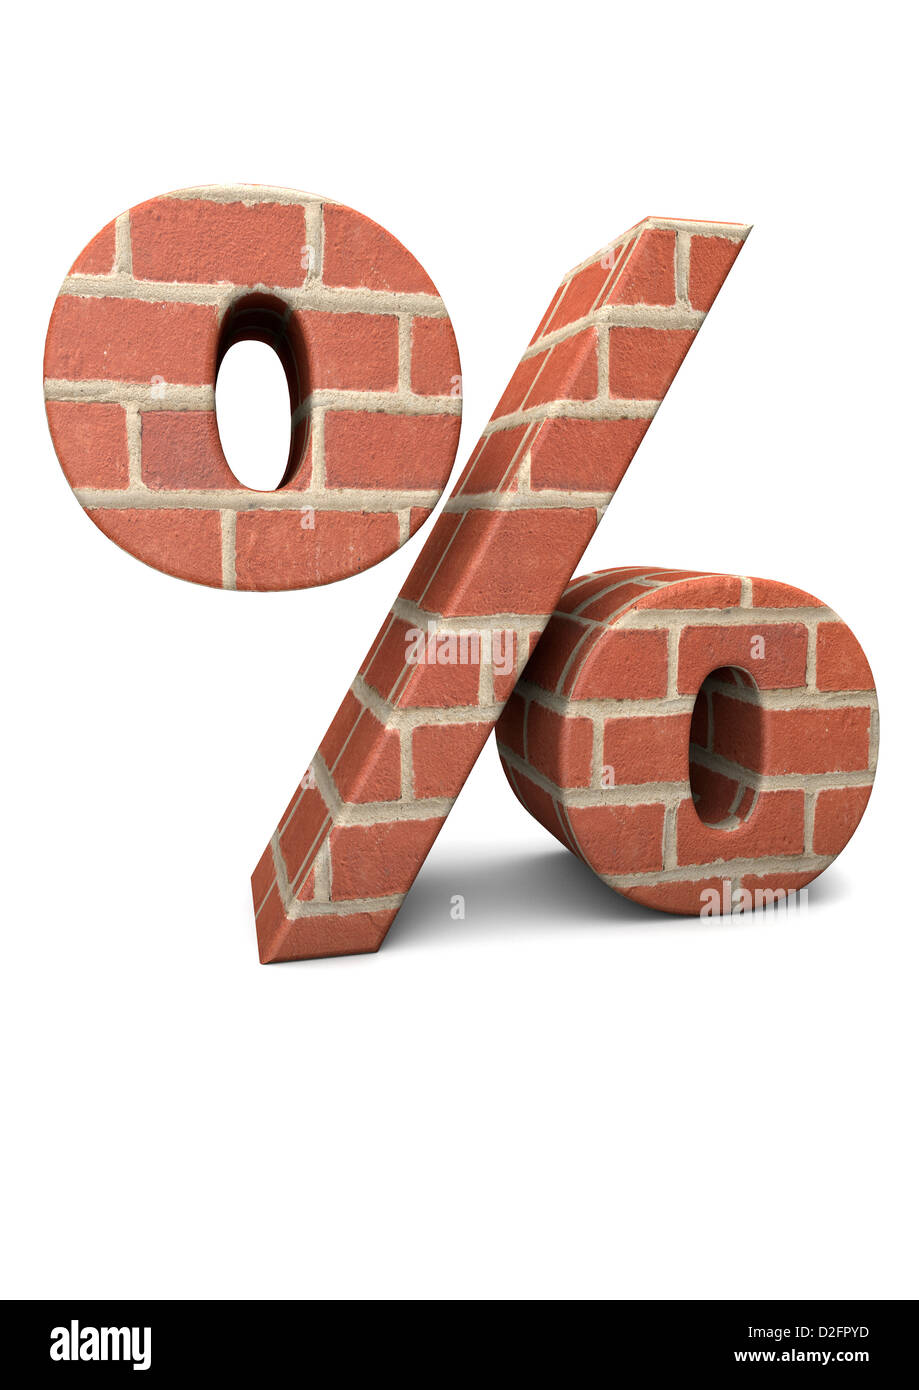 Prozentzeichen gebaut aus Steinen, die isoliert auf weißem Hintergrund - Inflation / Zinsen / Konzept-Gehäuse Stockbild